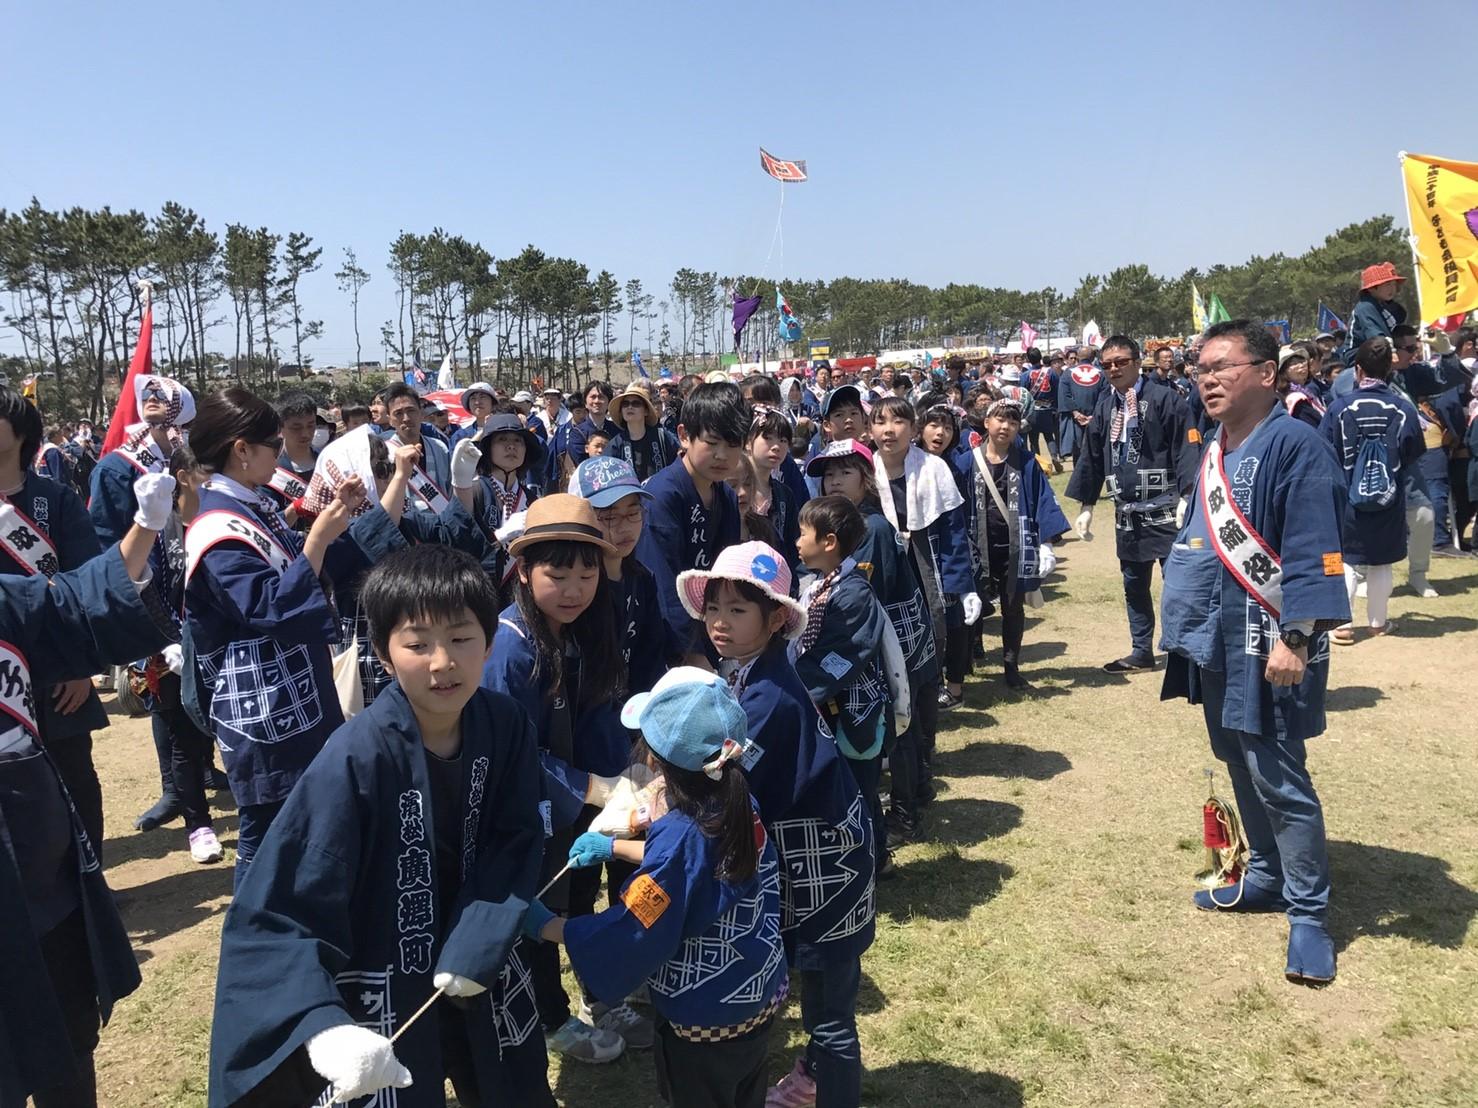 平成30年度(2018年)浜松まつり 広沢町凧揚会ひ組